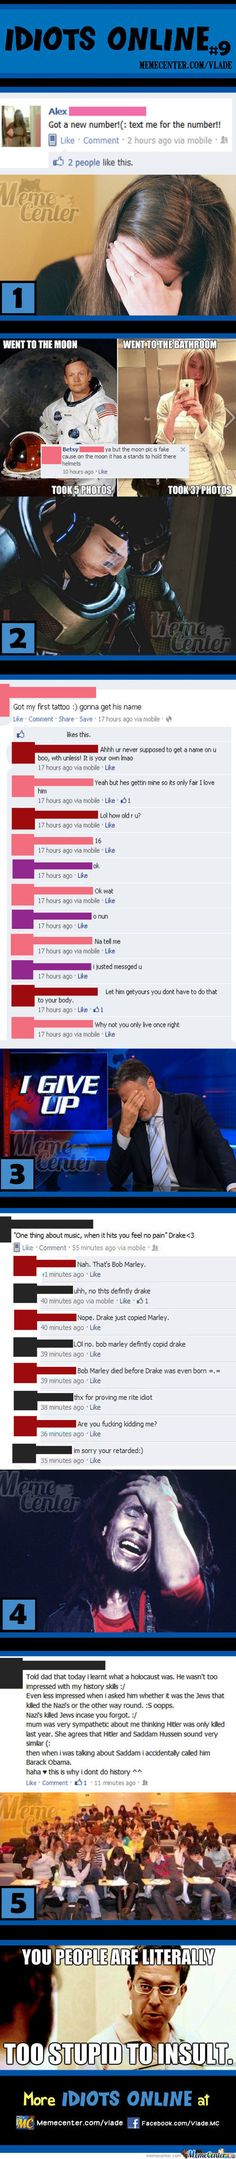 Idiots Online #9